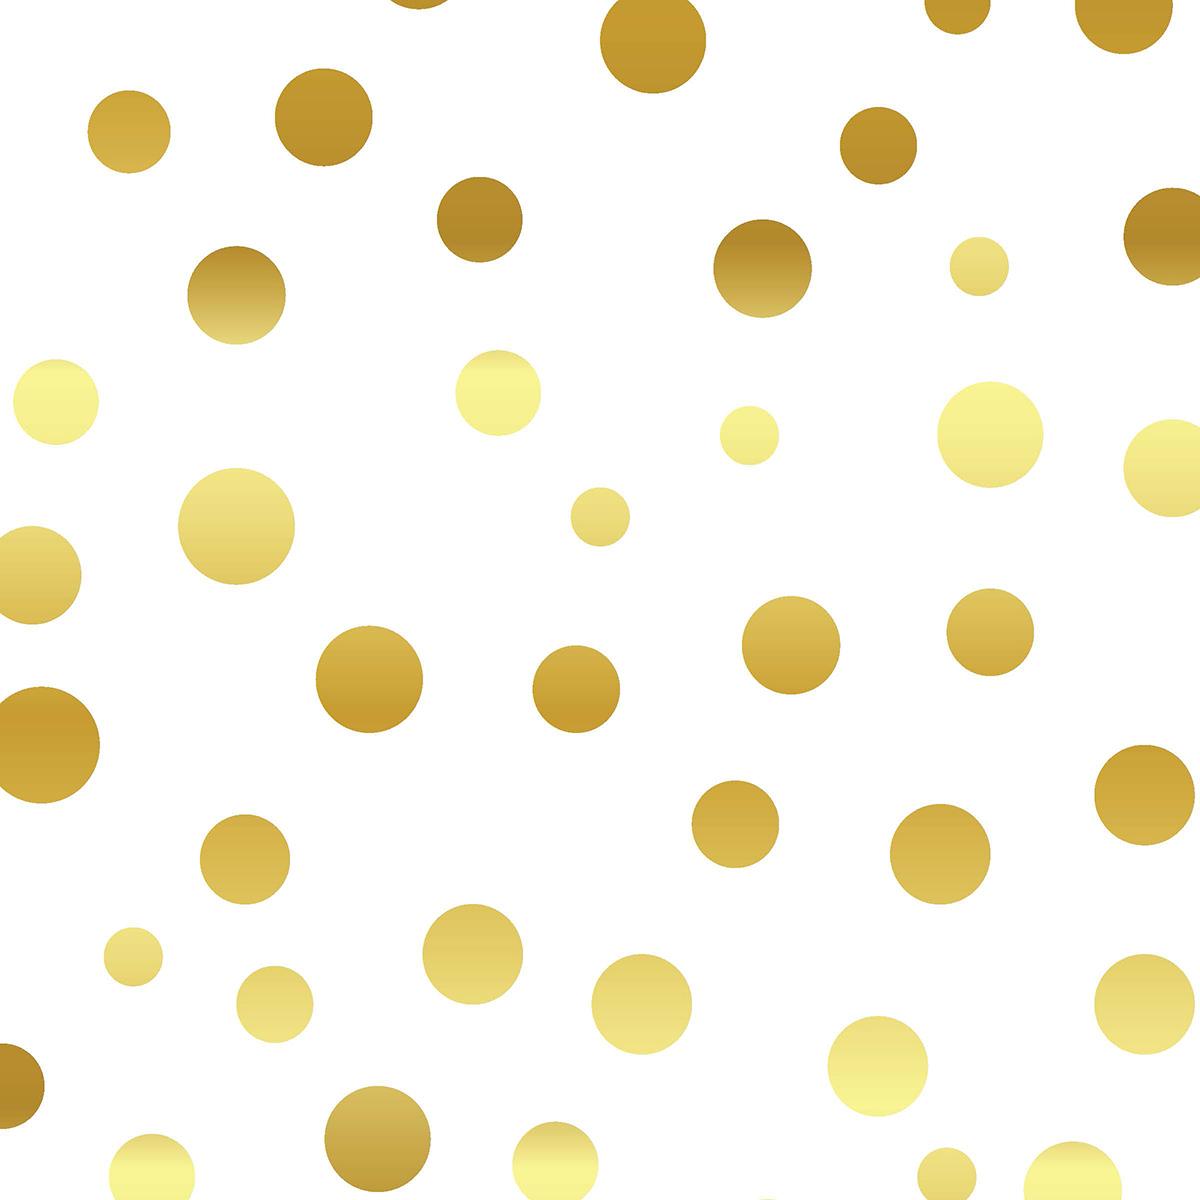 Locker Wallpaper Polka Dot